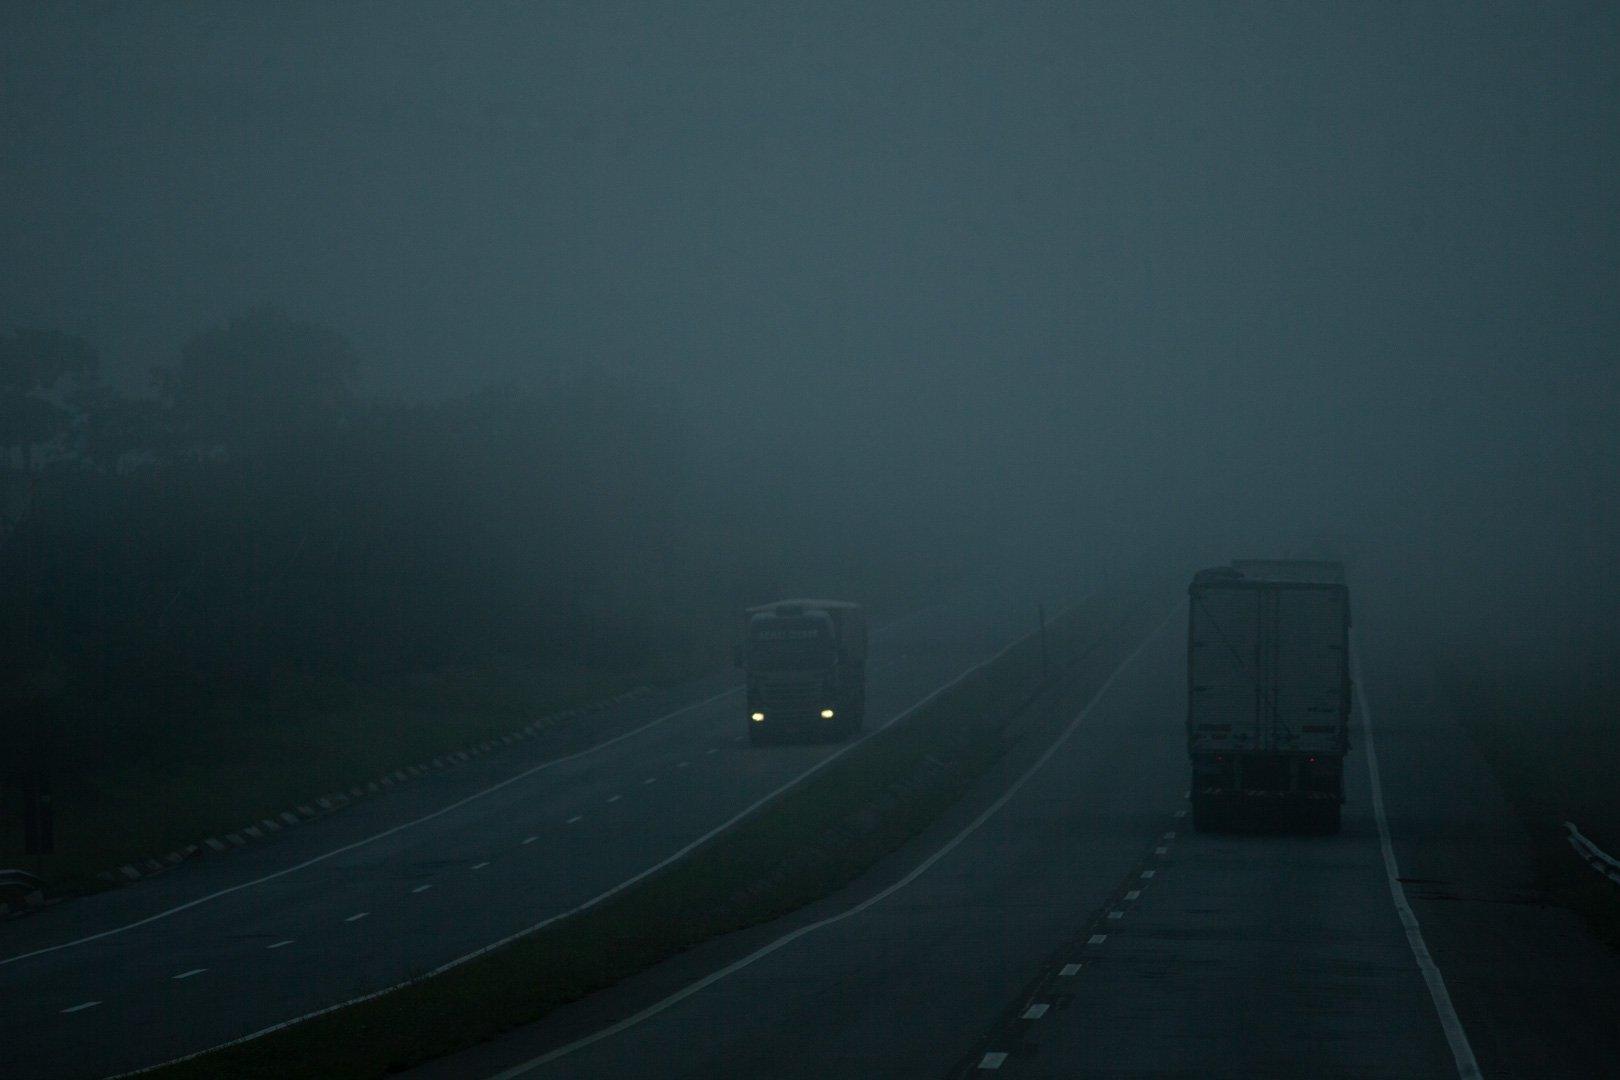 Os caminhoneiros pegam a marmita e vão para a boleia do caminhão fazer a refeição sozinhos